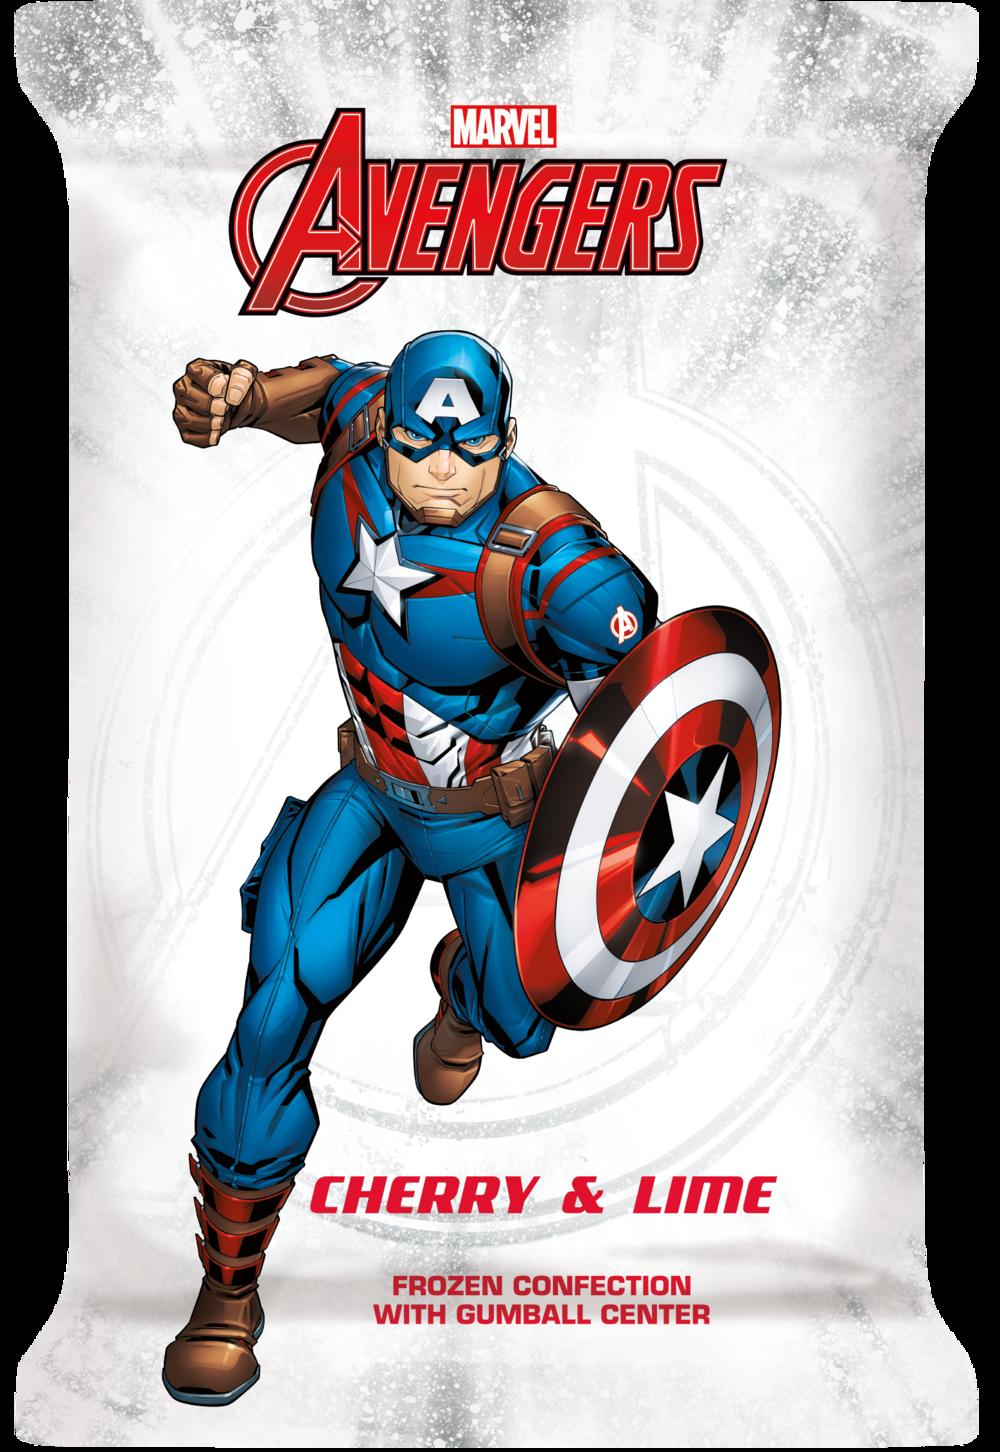 Avengers Cherry & Lime